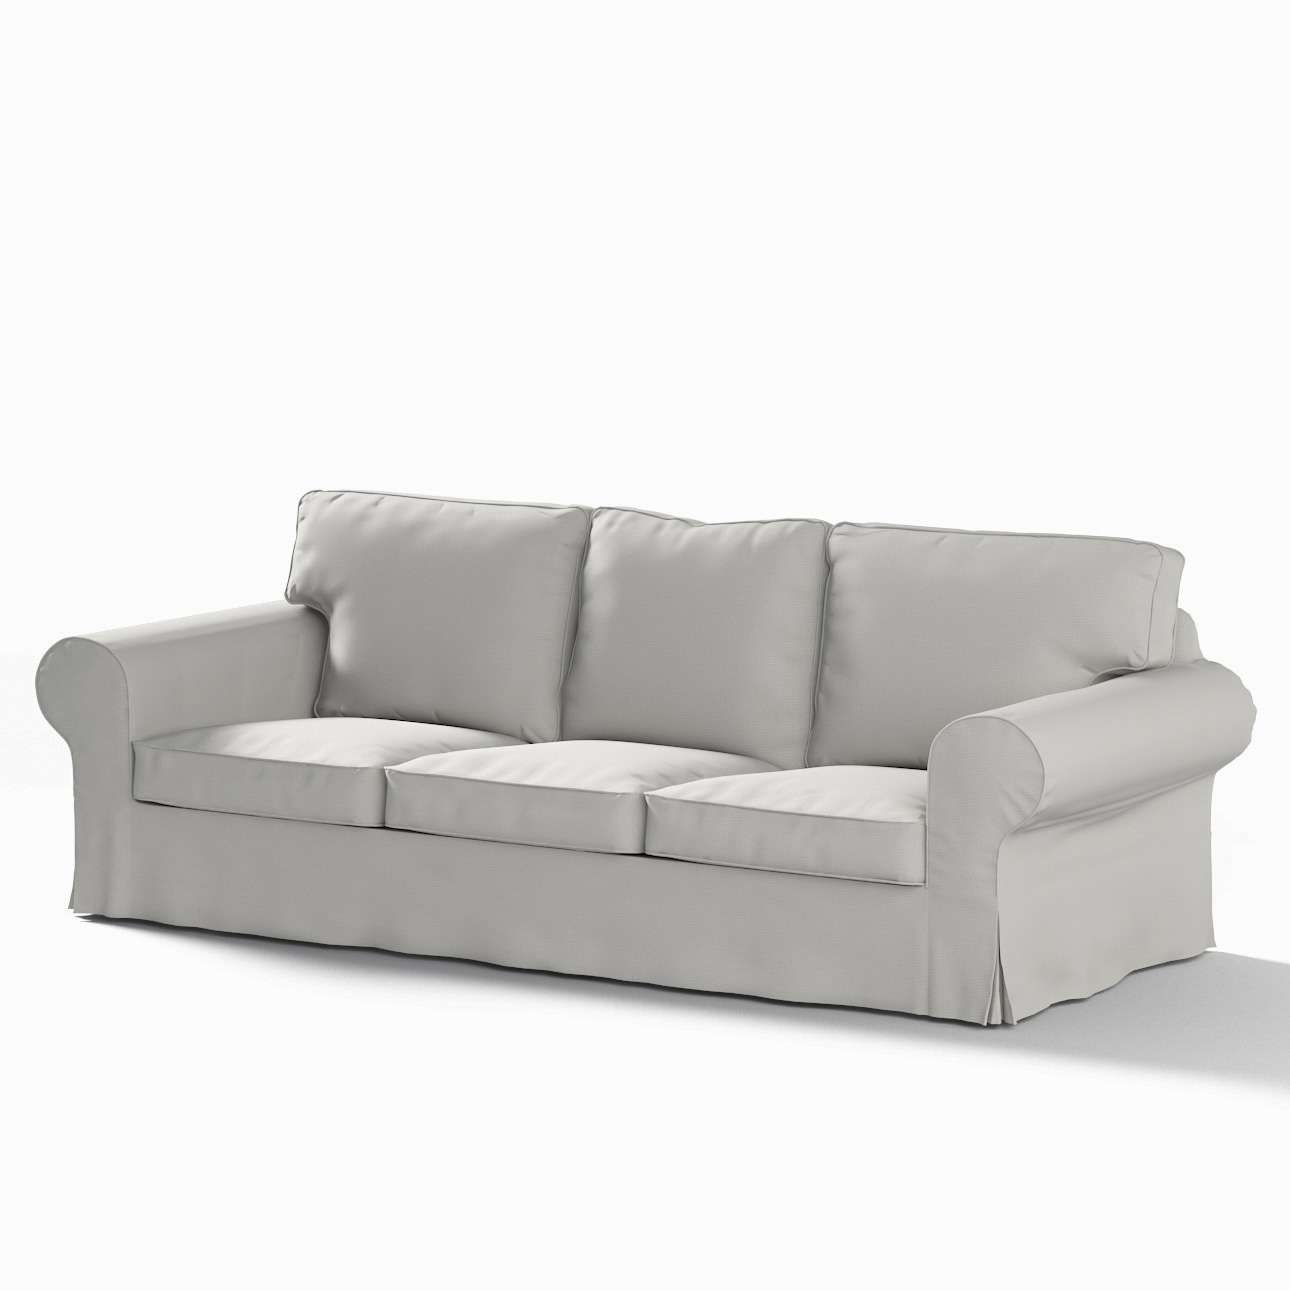 Pokrowiec na sofę Ektorp 3-osobową, rozkładaną STARY MODEL Sofa Ektorp 3-osobowa rozkładana w kolekcji Etna , tkanina: 705-90